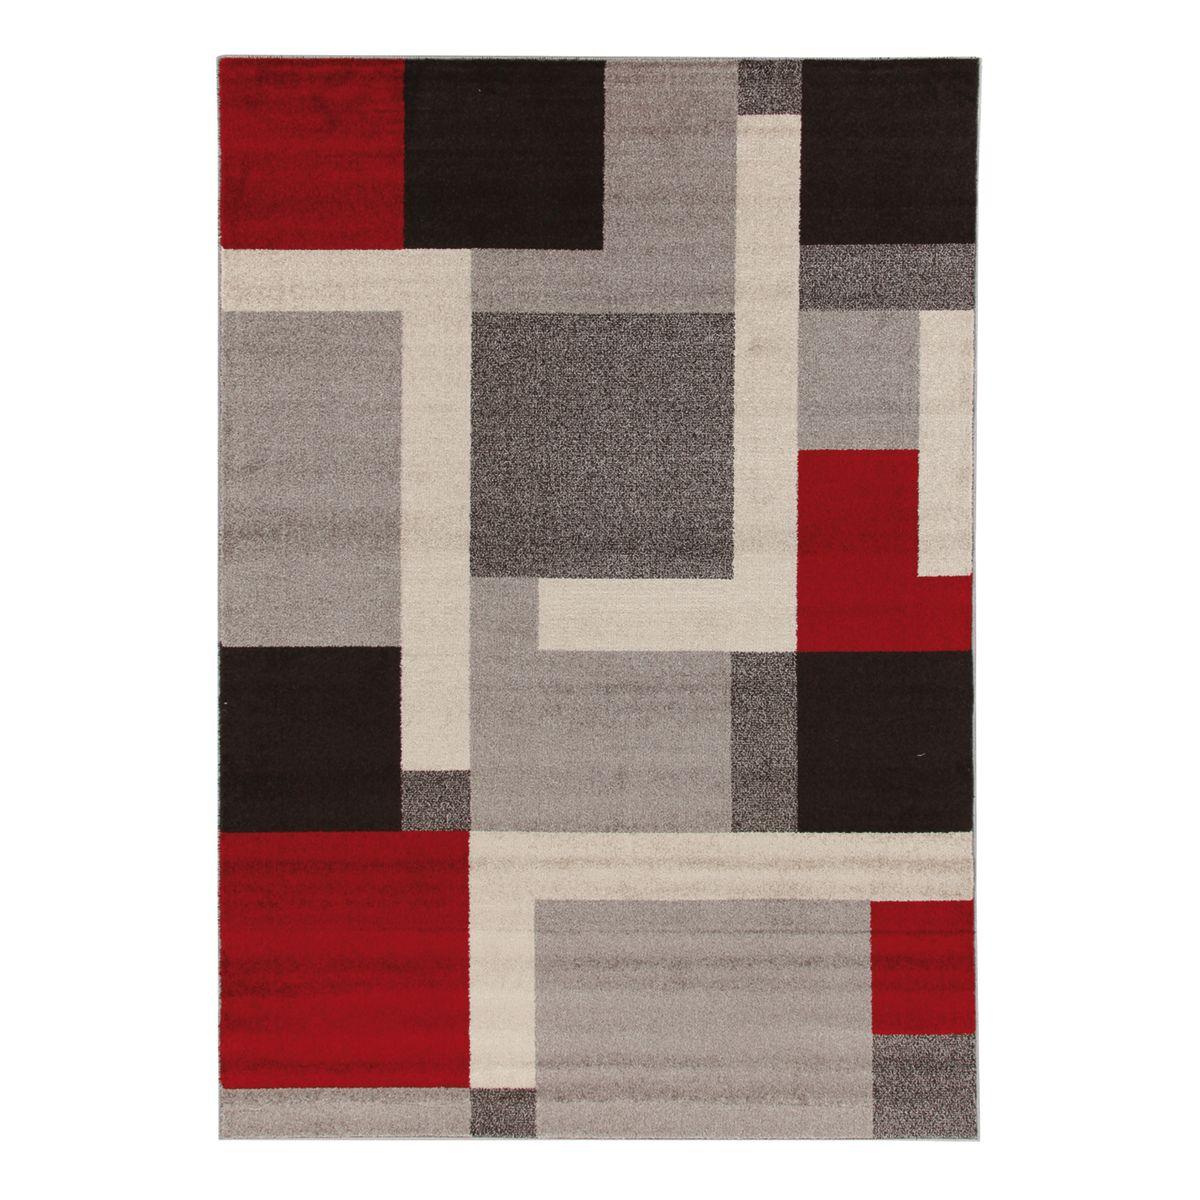 Tende a metraggio leroy merlin simple pannelli in legno per interni e ripiani melaminici con - Leroy merlin tappeti cucina ...